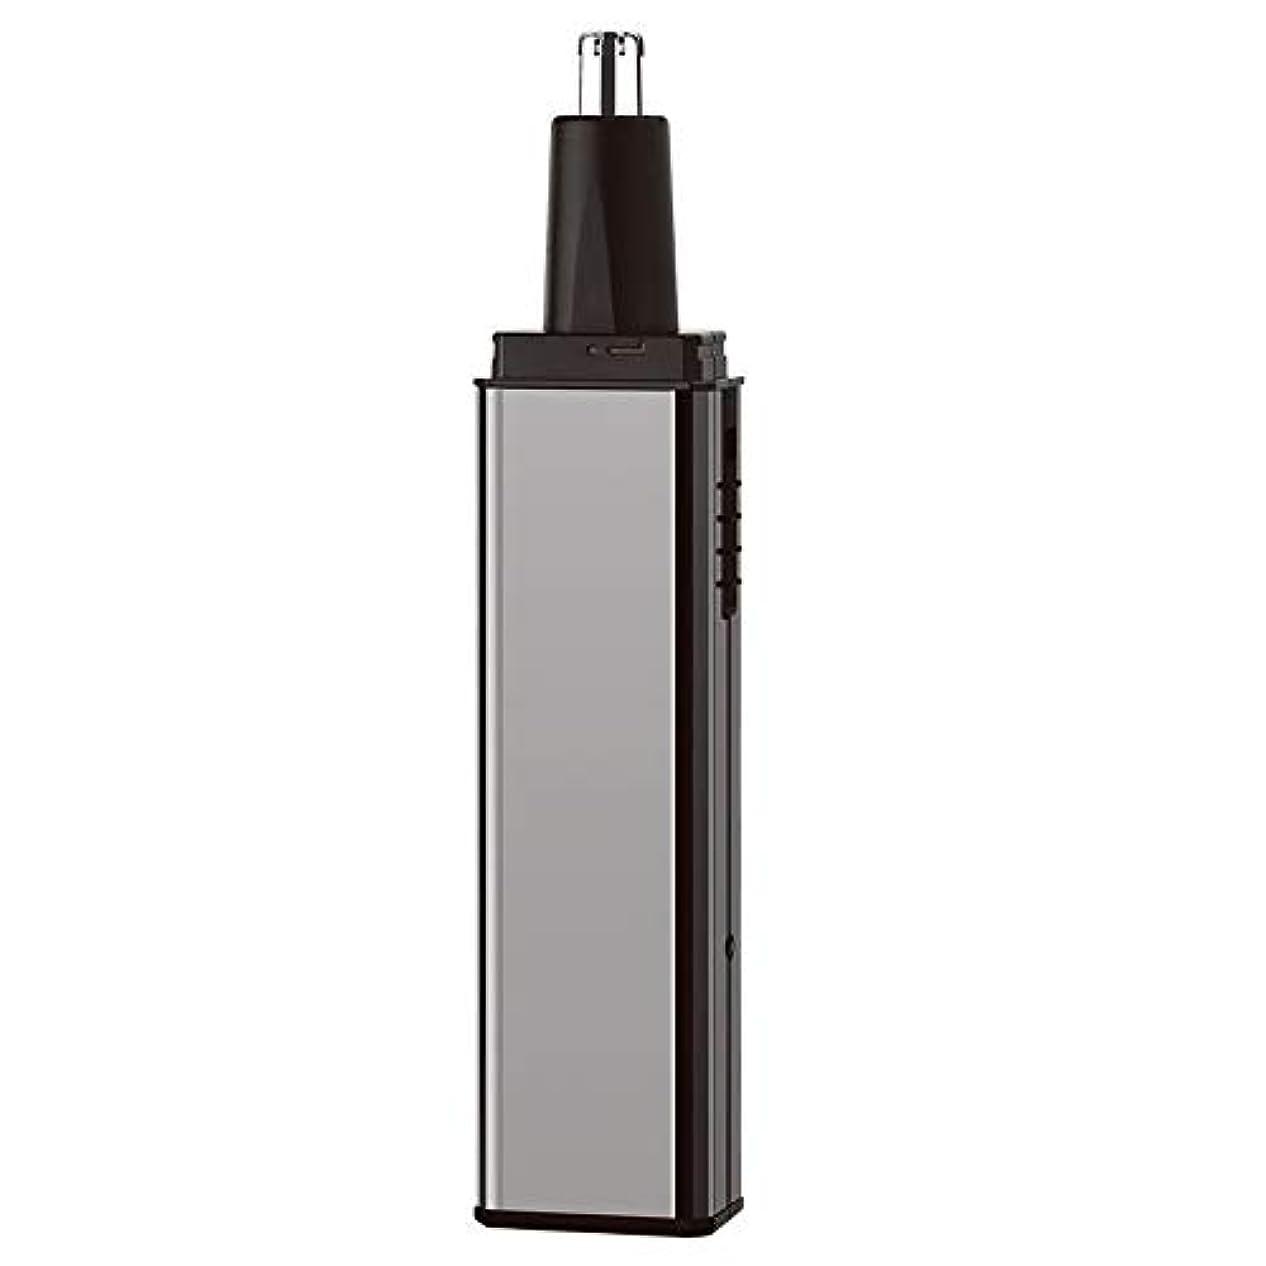 構築する電信不毛鼻毛トリマー-多機能スーツフォーインワン/電気鼻毛トリマー/ステンレススチール/多機能/ 13.5 * 2.7cm 操作が簡単